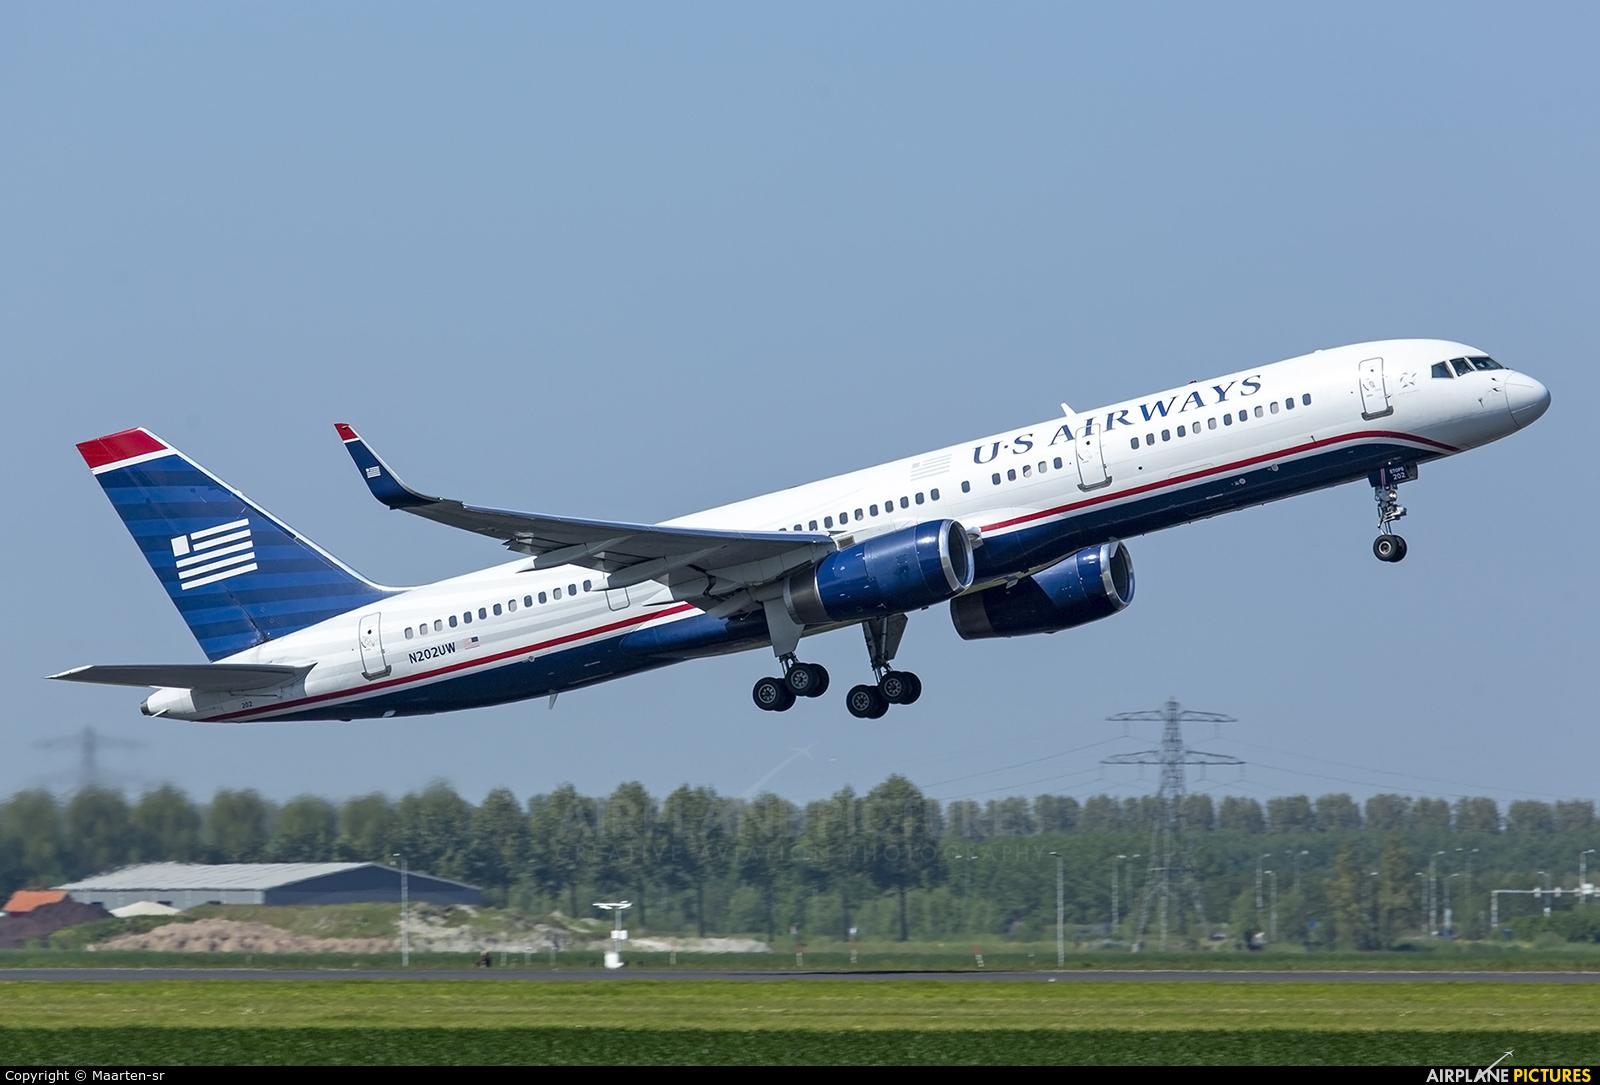 US Airways N202UW aircraft at Amsterdam - Schiphol